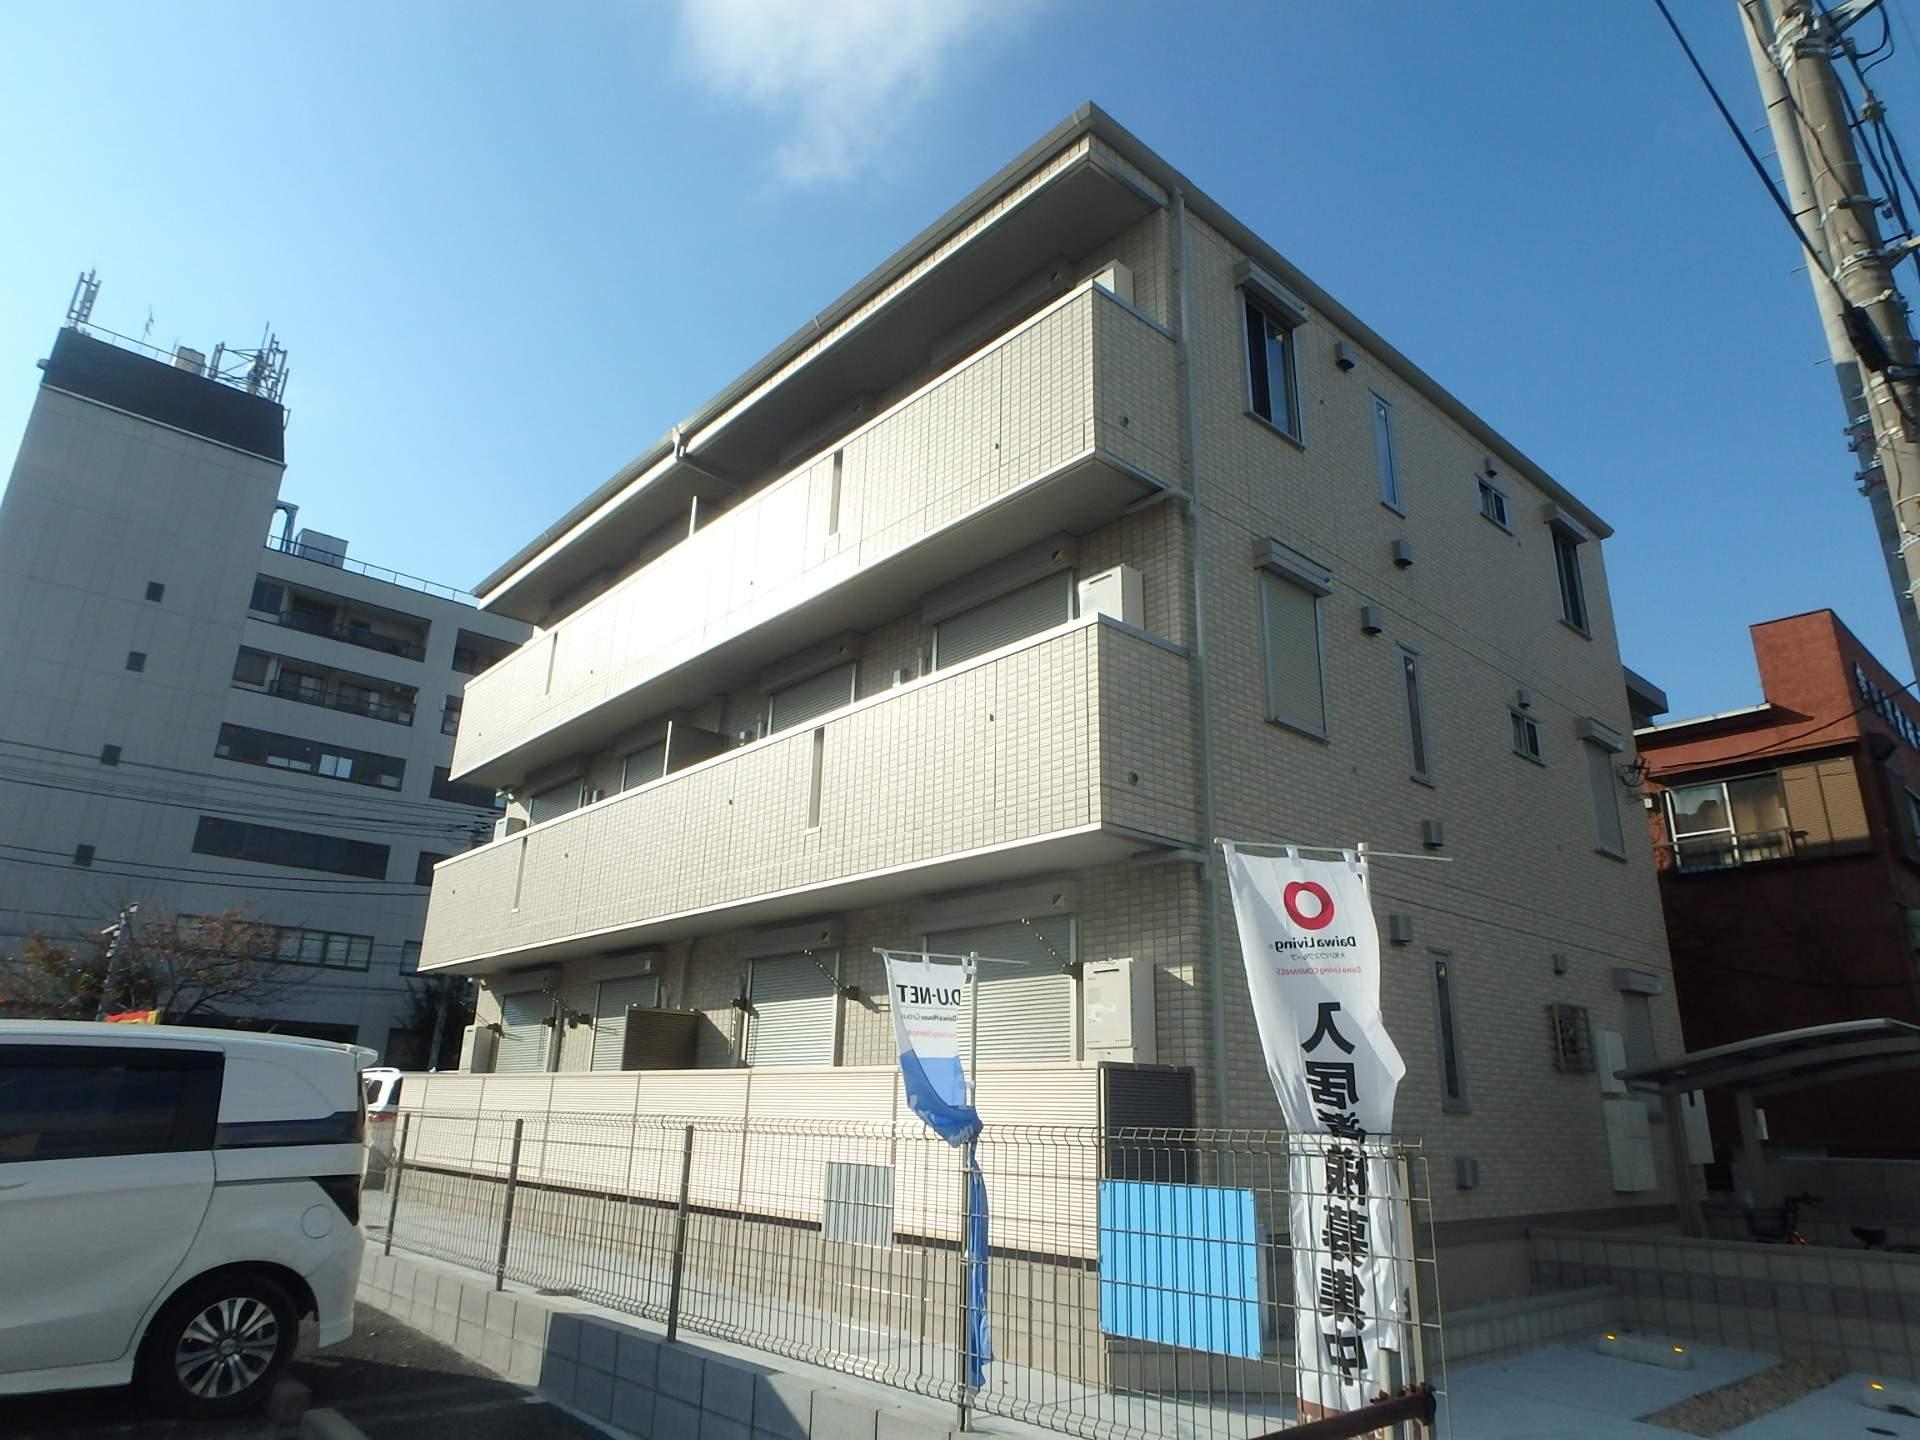 東京都江戸川区、一之江駅徒歩30分の築3年 3階建の賃貸アパート